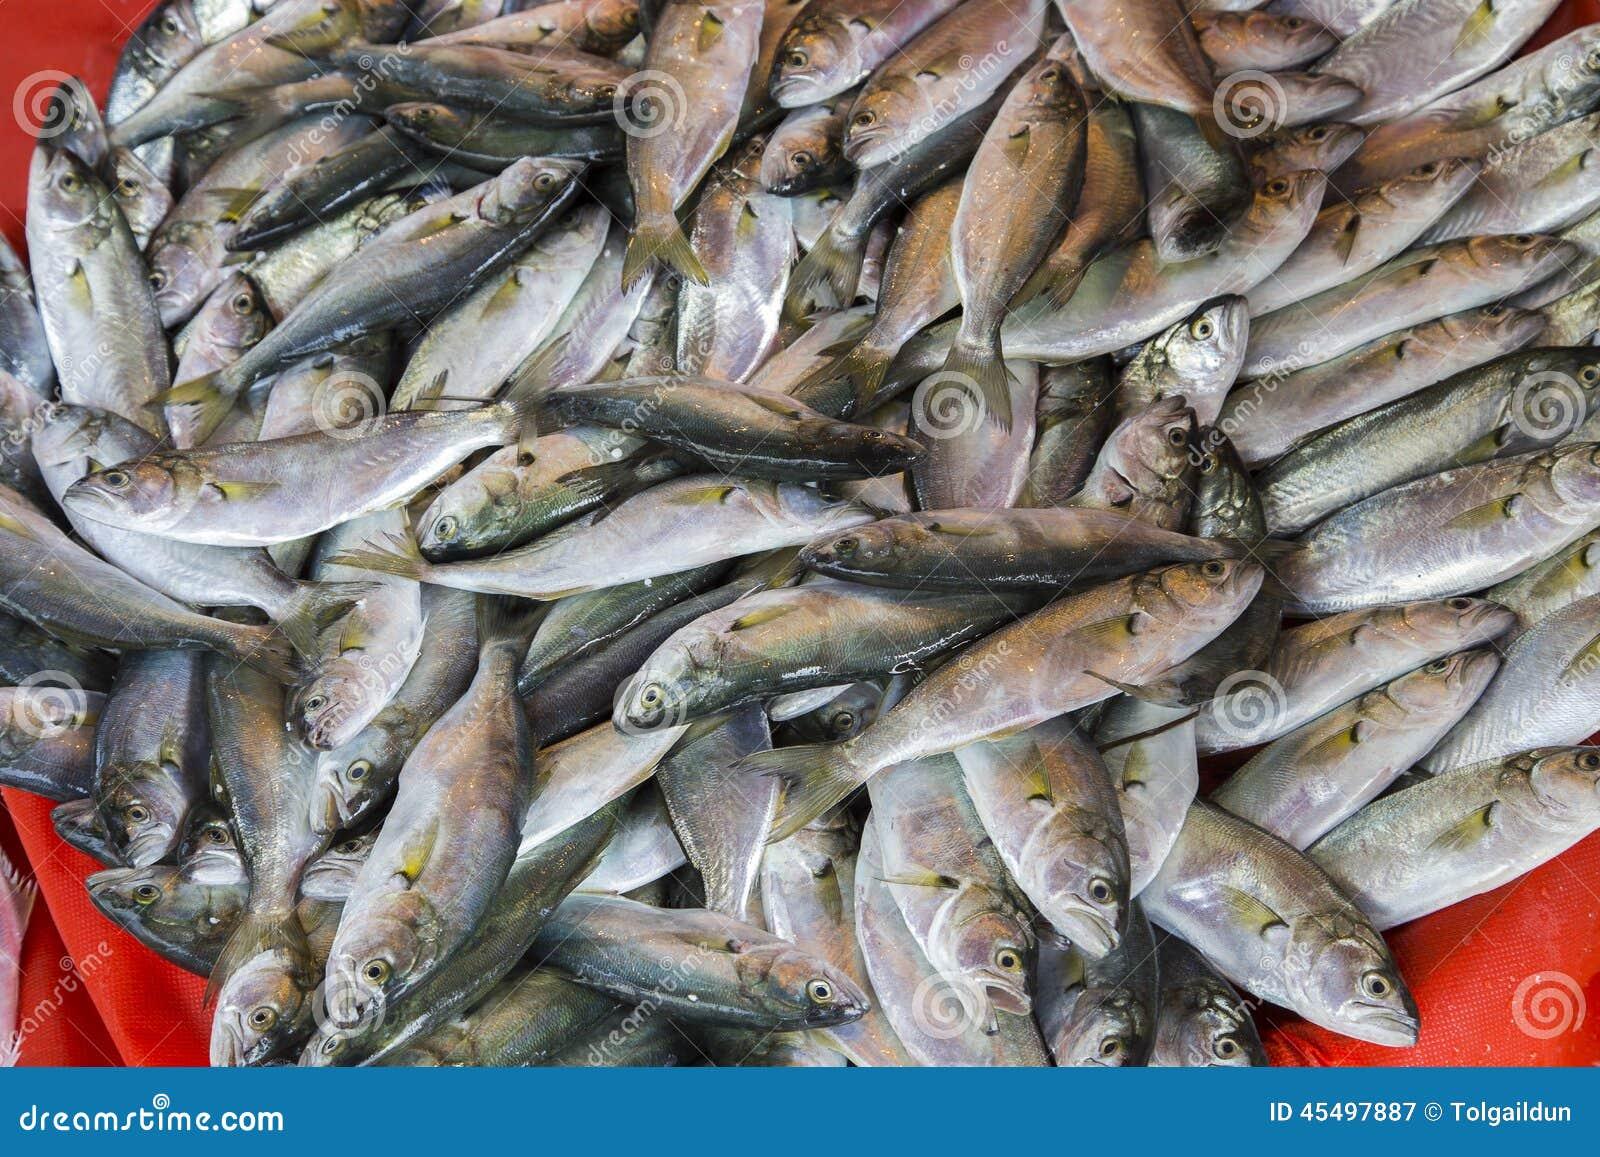 大量鲜鱼在市场上